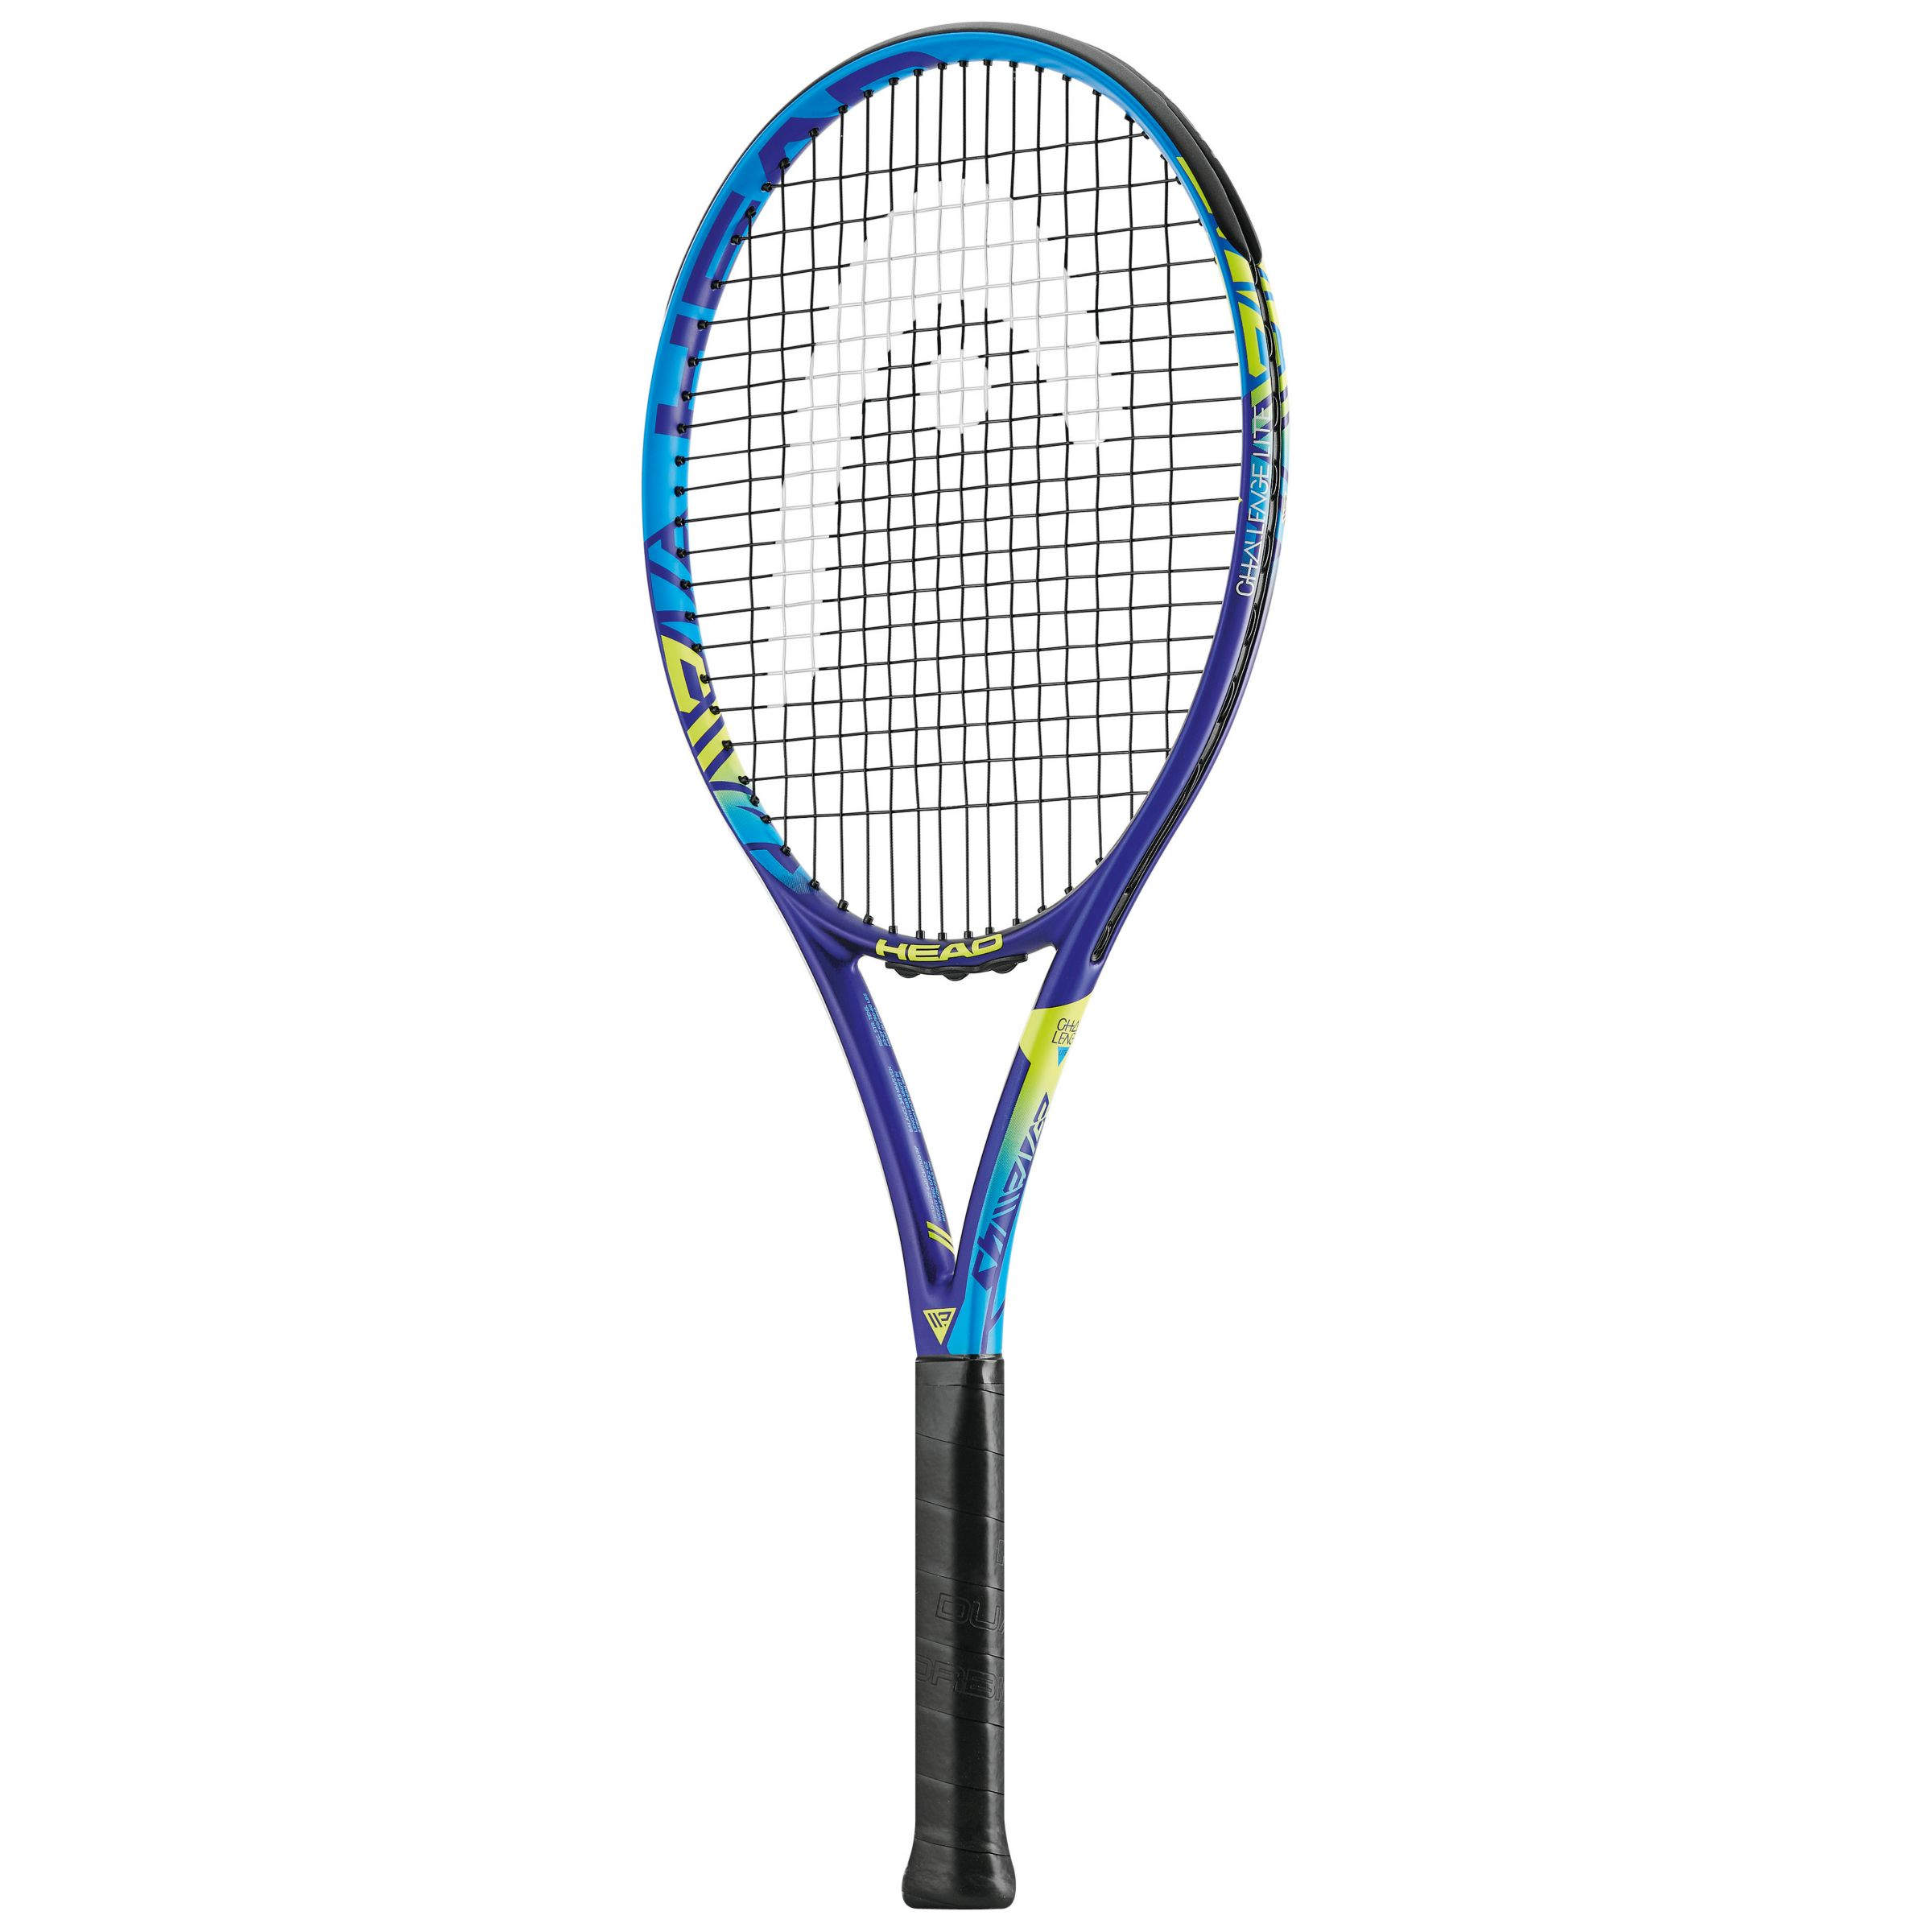 Head Head Challenge Lite Graphite Tennis Racket